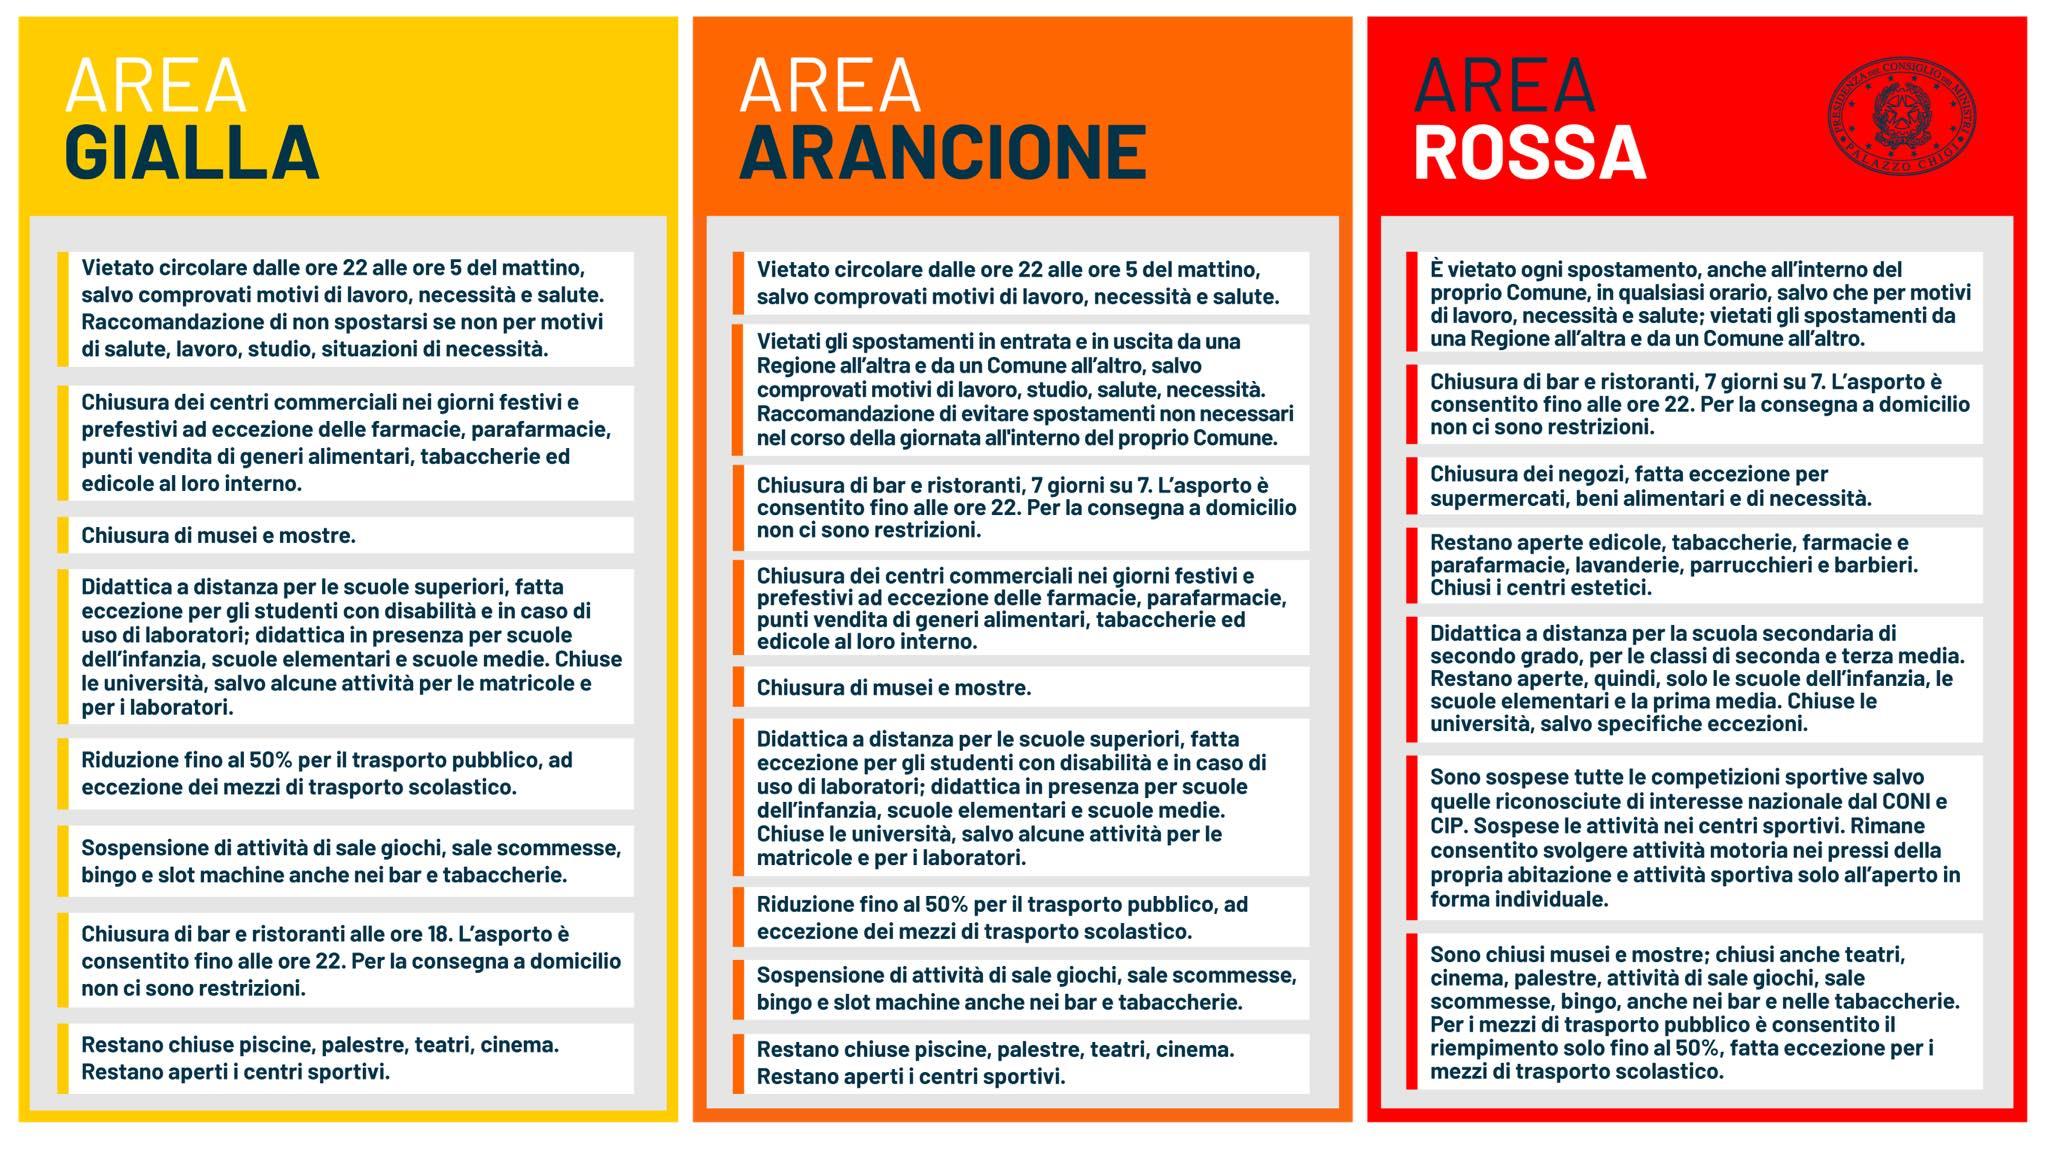 zona rossa gialla e arancione